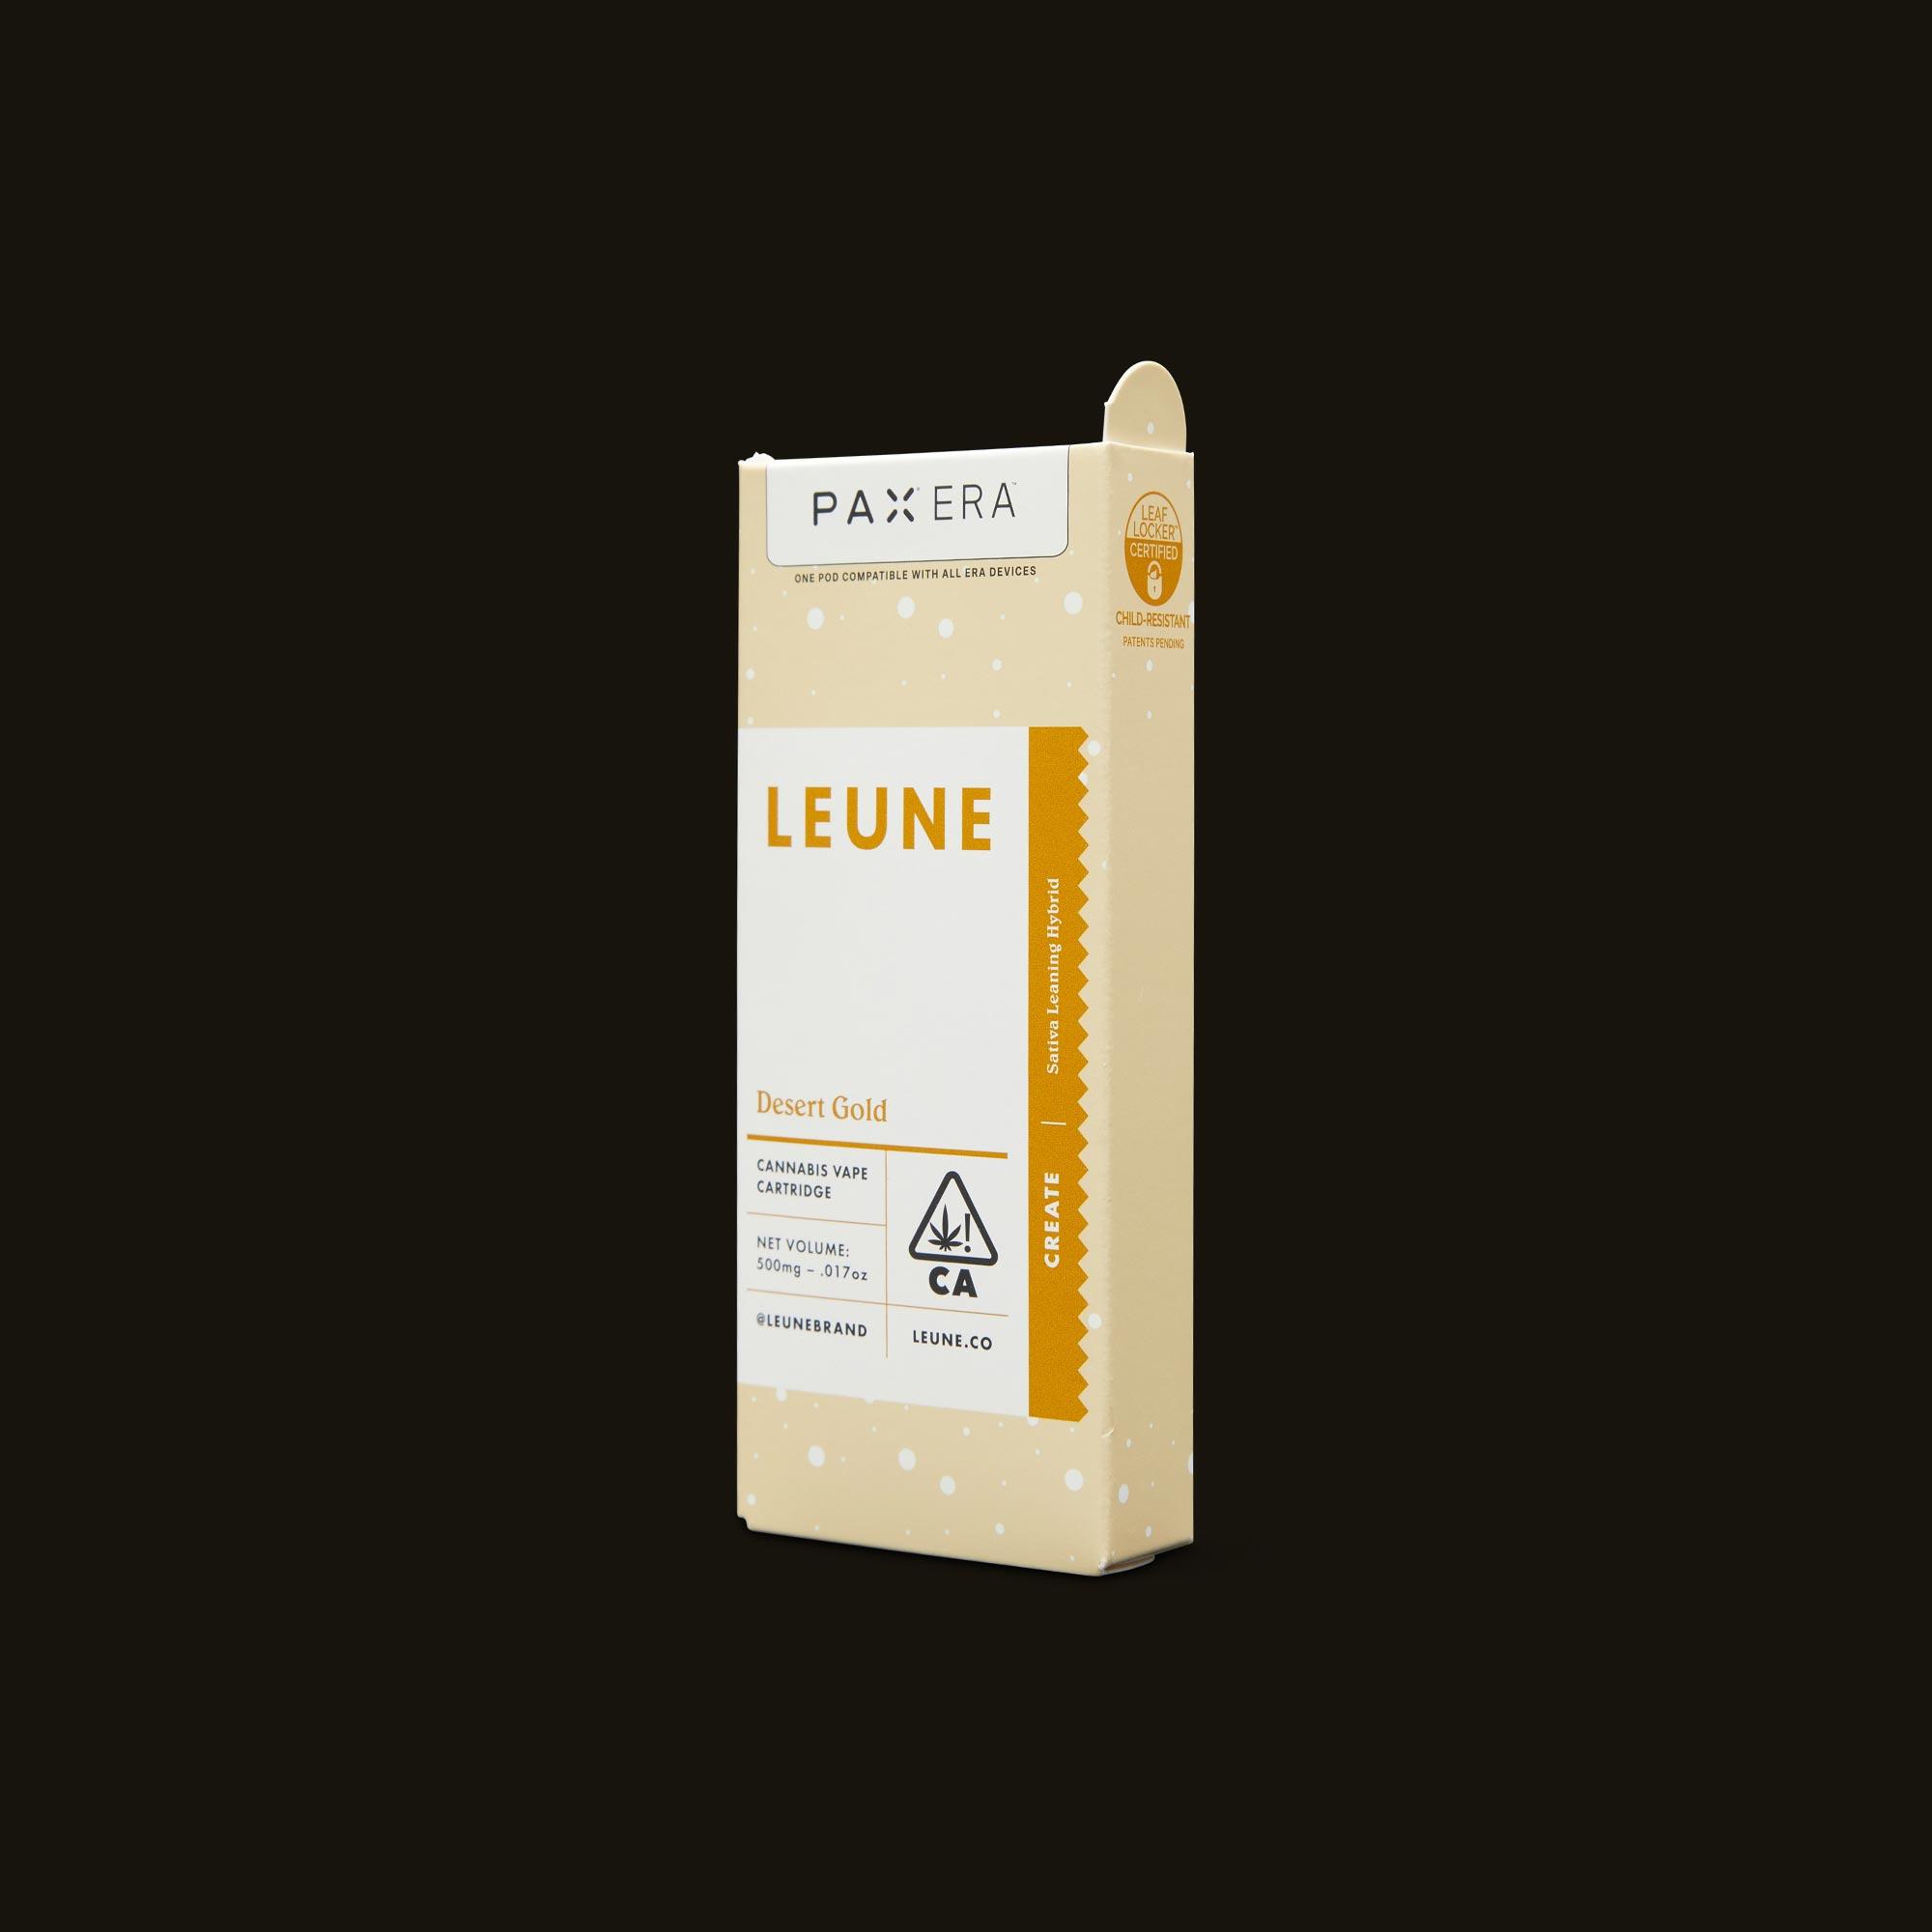 LEUNE Desert Gold PAX Era Pod Side Packaging